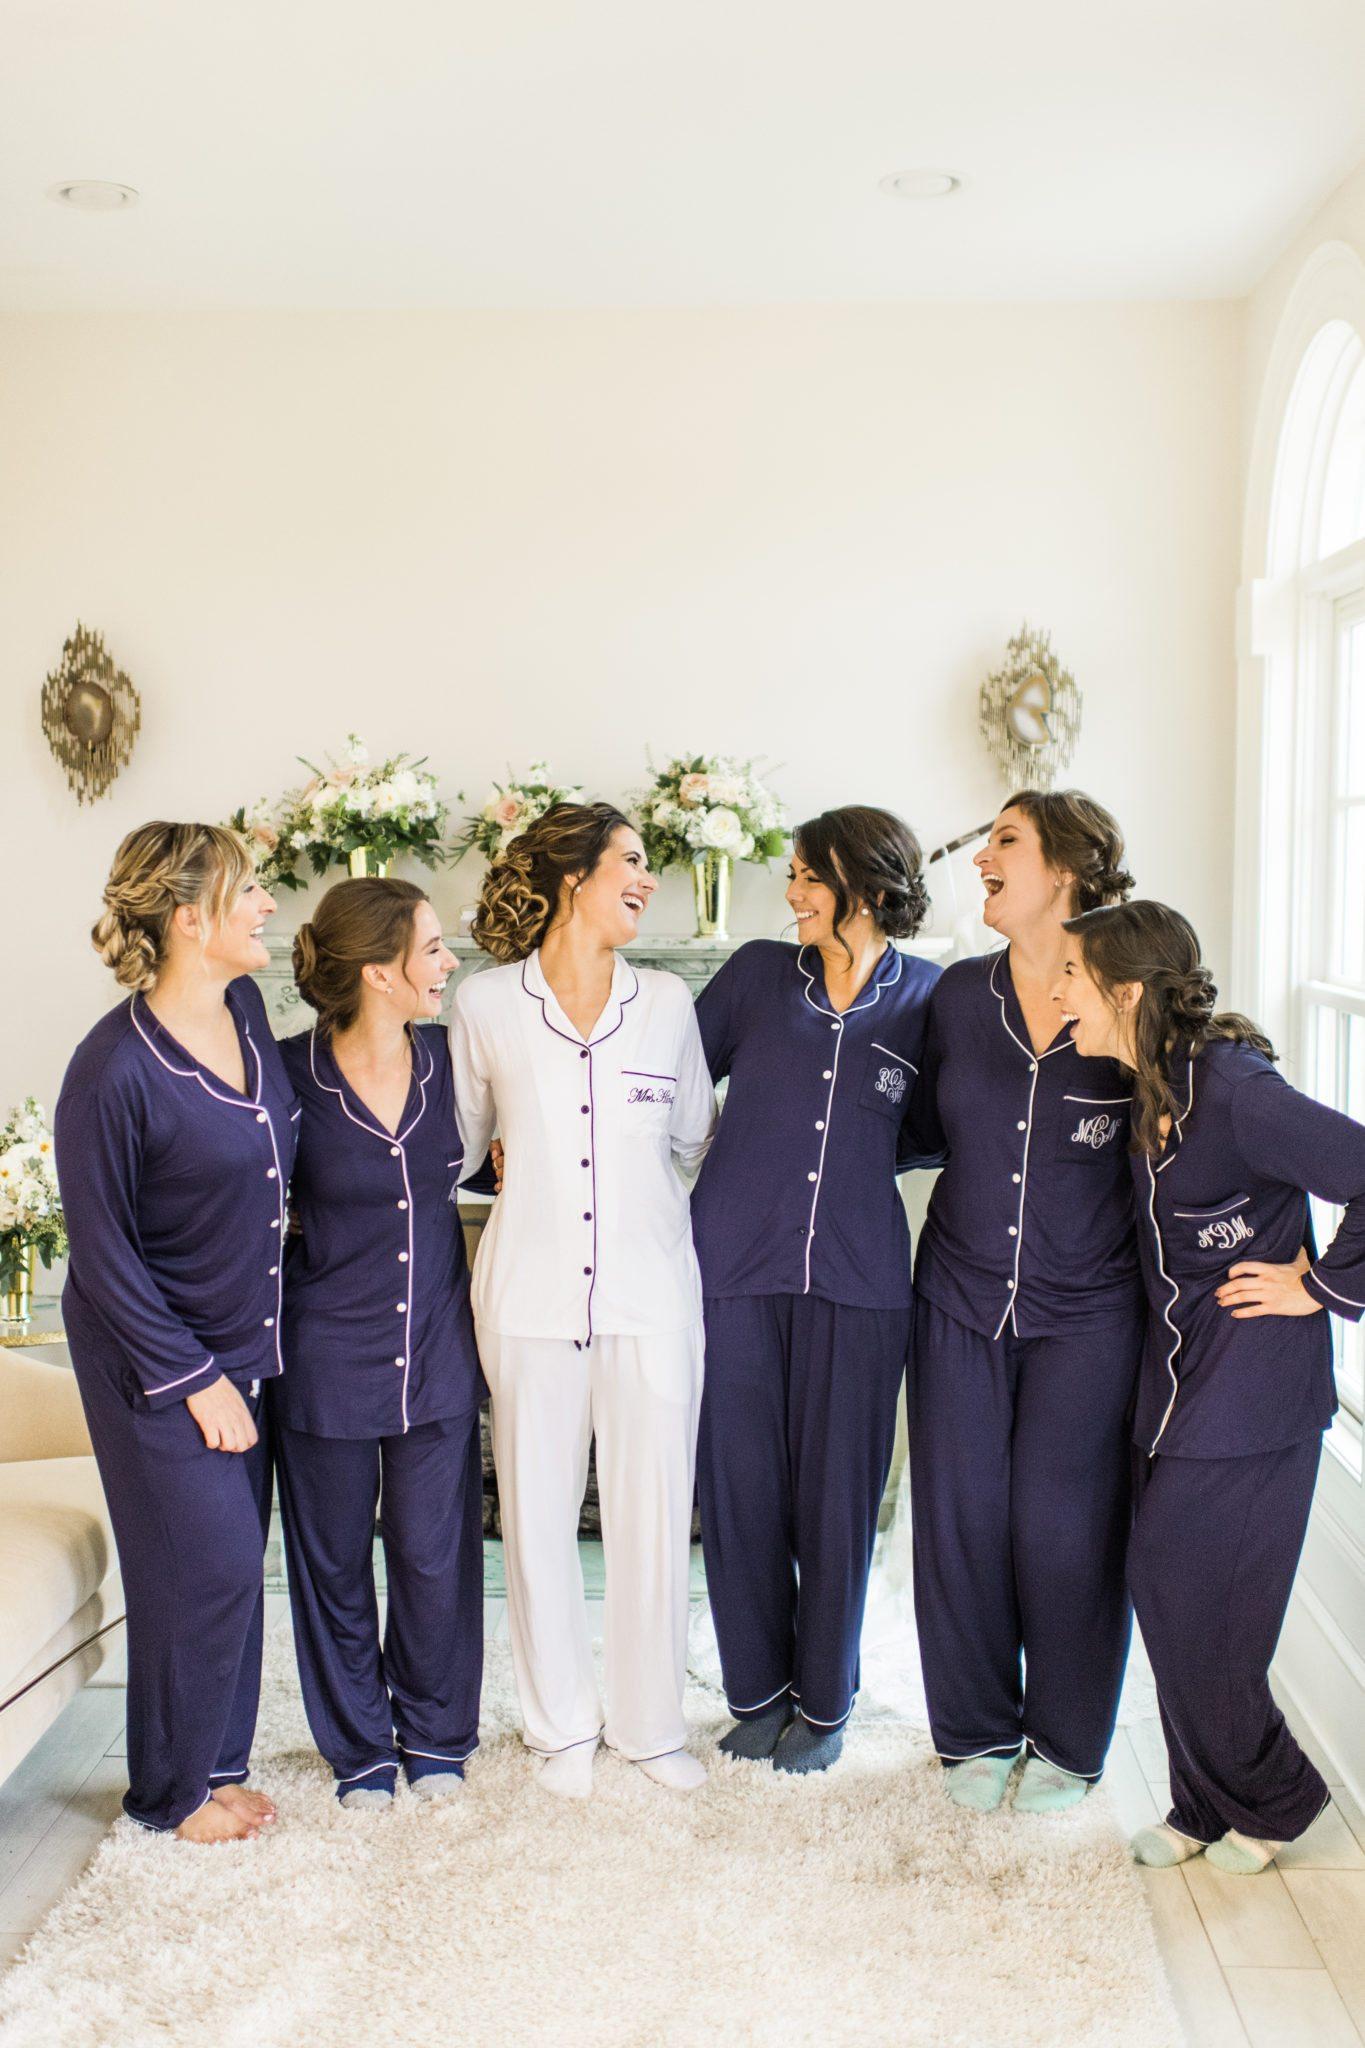 2-stephen-gabby-morais-vineyards-bealeton-virginia-wedding-photographer-3 The Palacio Package